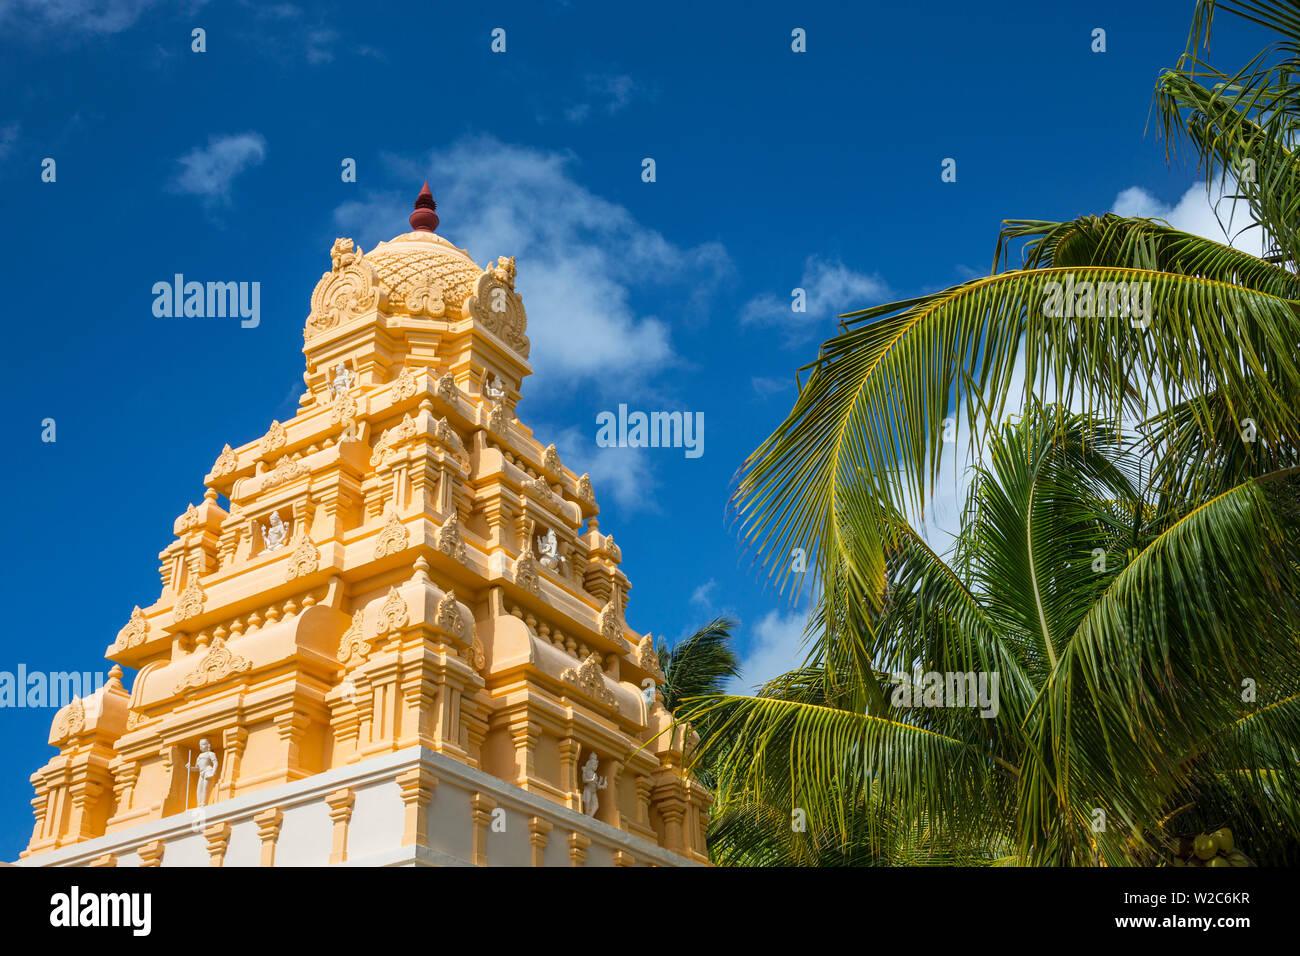 Palmar, Flacq, East Coast, Mauritius - Stock Image